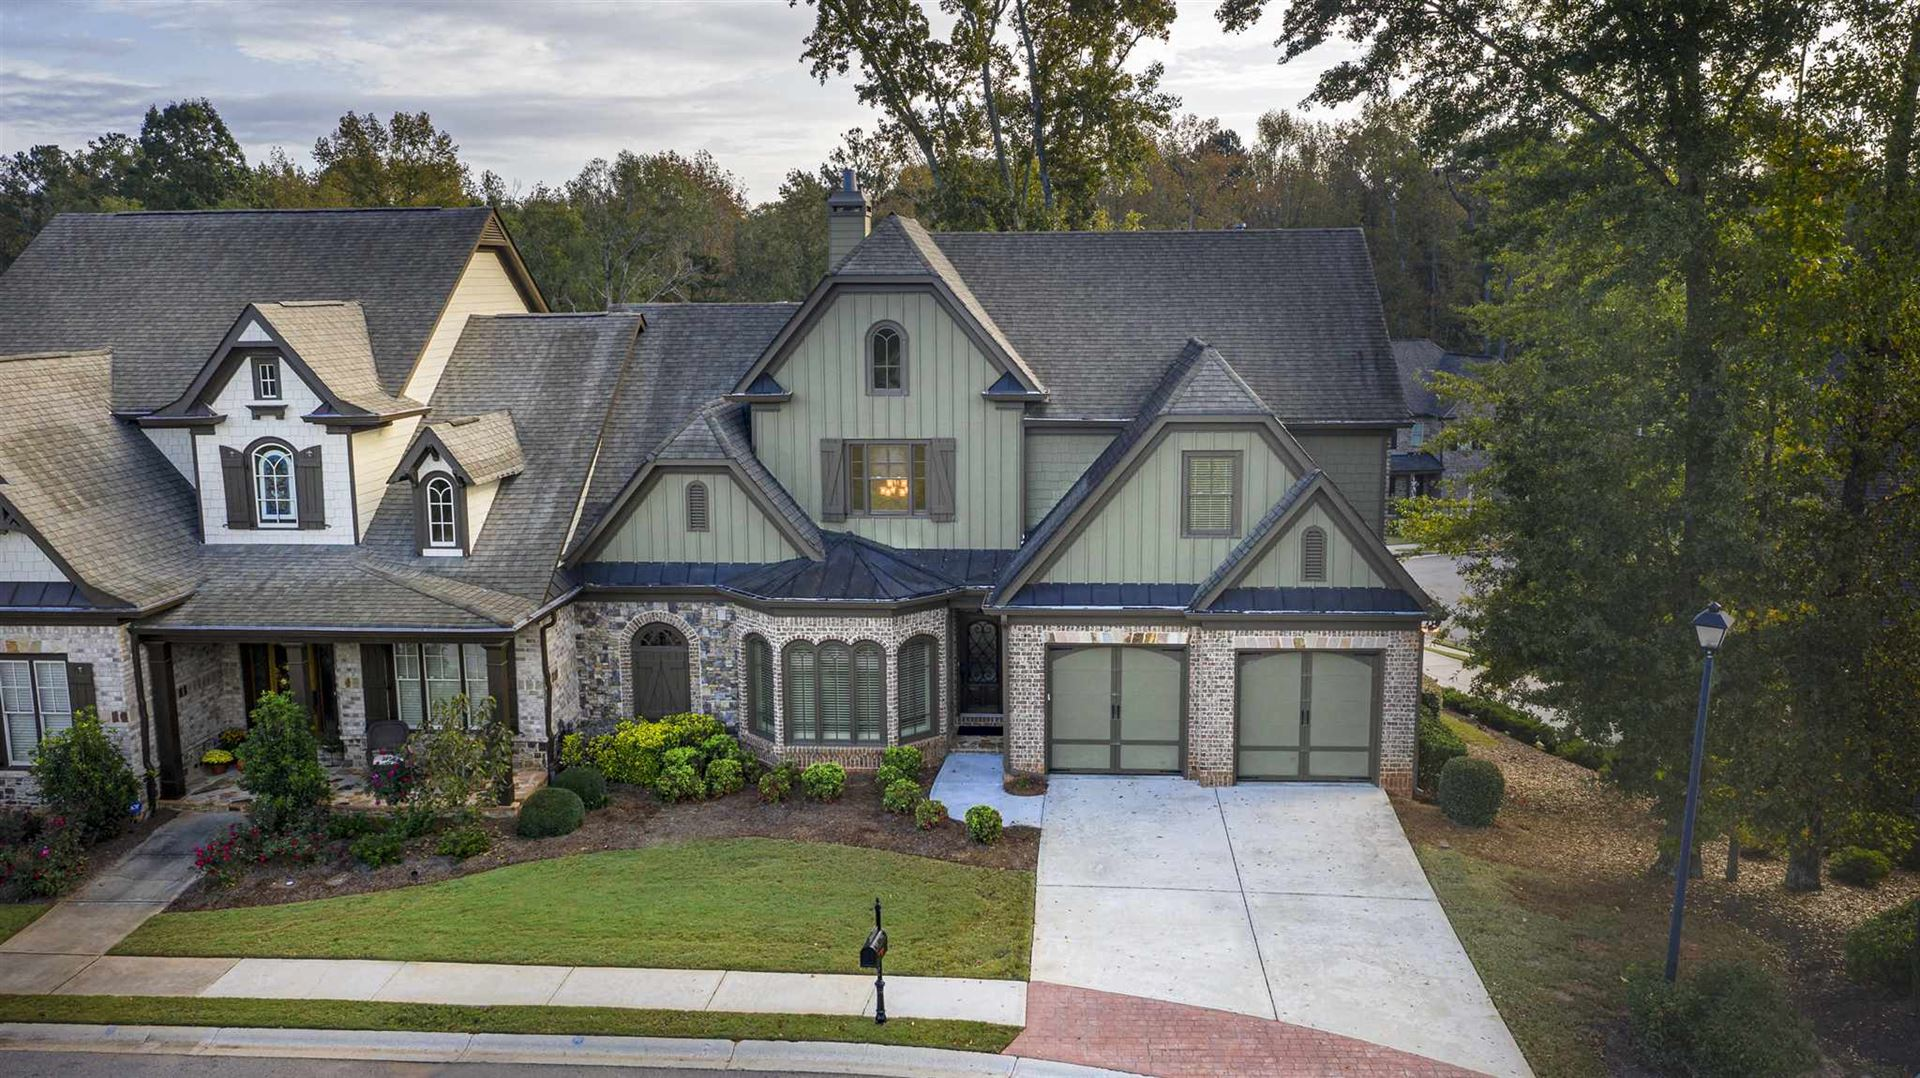 1116 Buckingham Ct, Watkinsville, GA 30677 - MLS#: 8879197